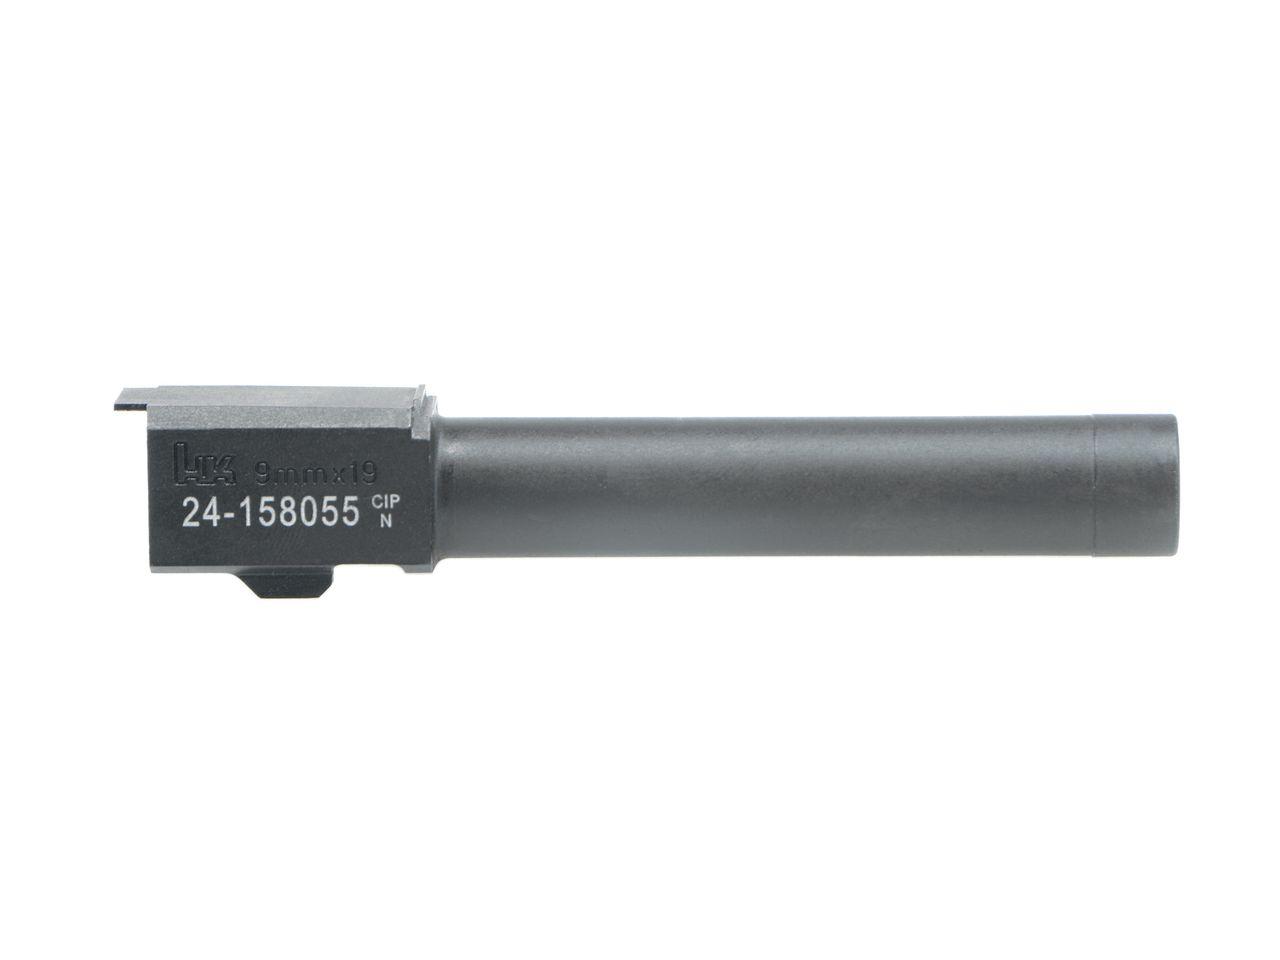 Umarex USPパーツ 02-1 アウターバレル/リアル刻印(VGC6BRL520)